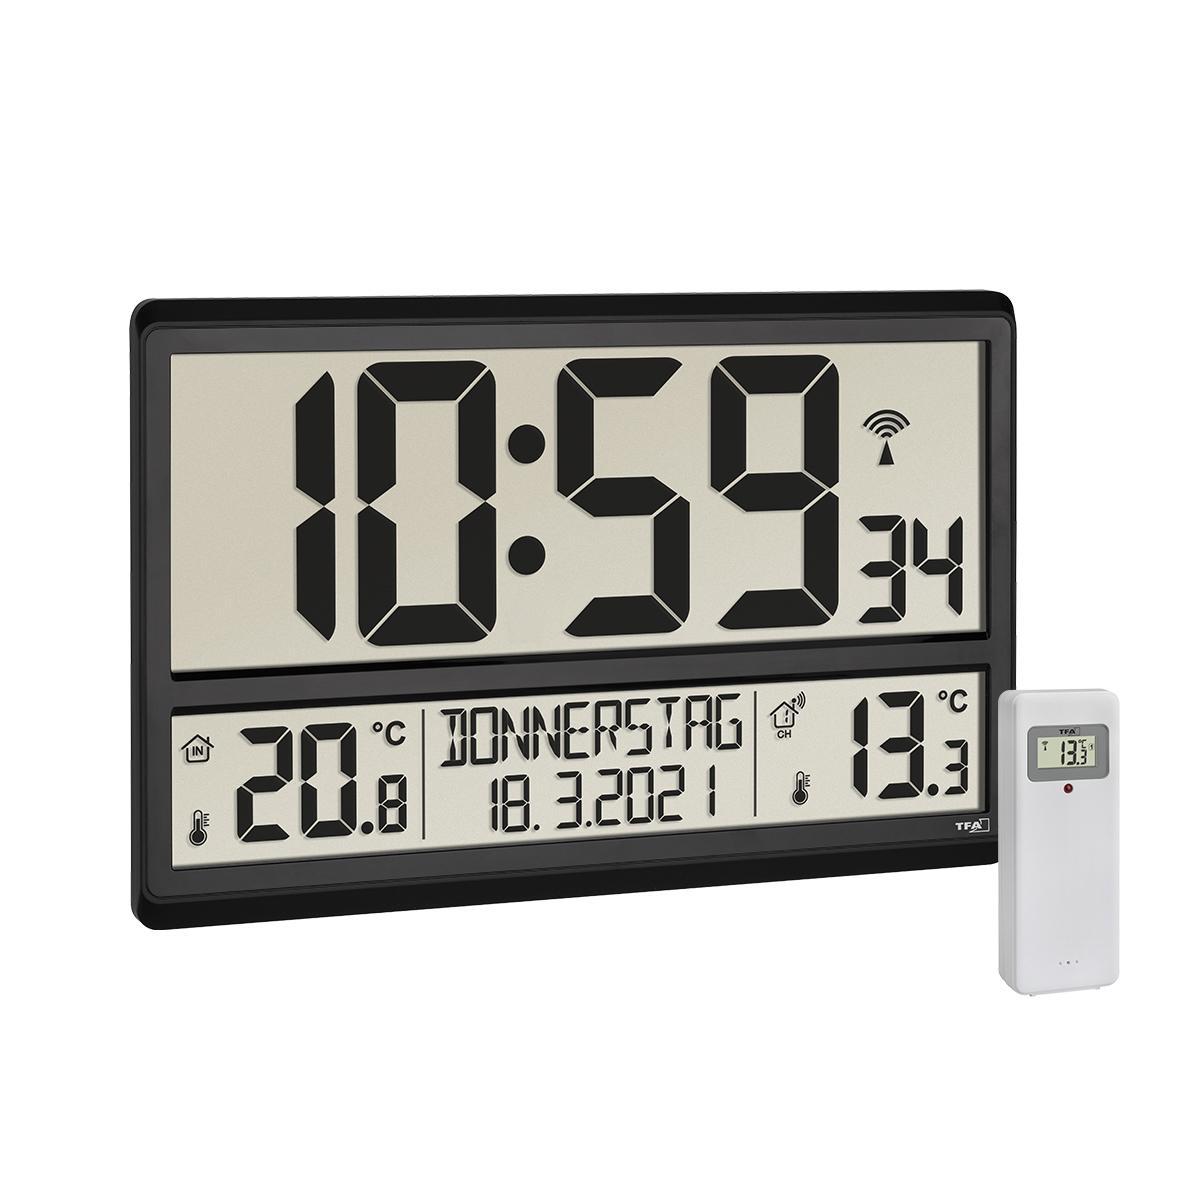 TFA 60.4521.01 - Nástěnné hodiny s vnitřní a vnější teplotou